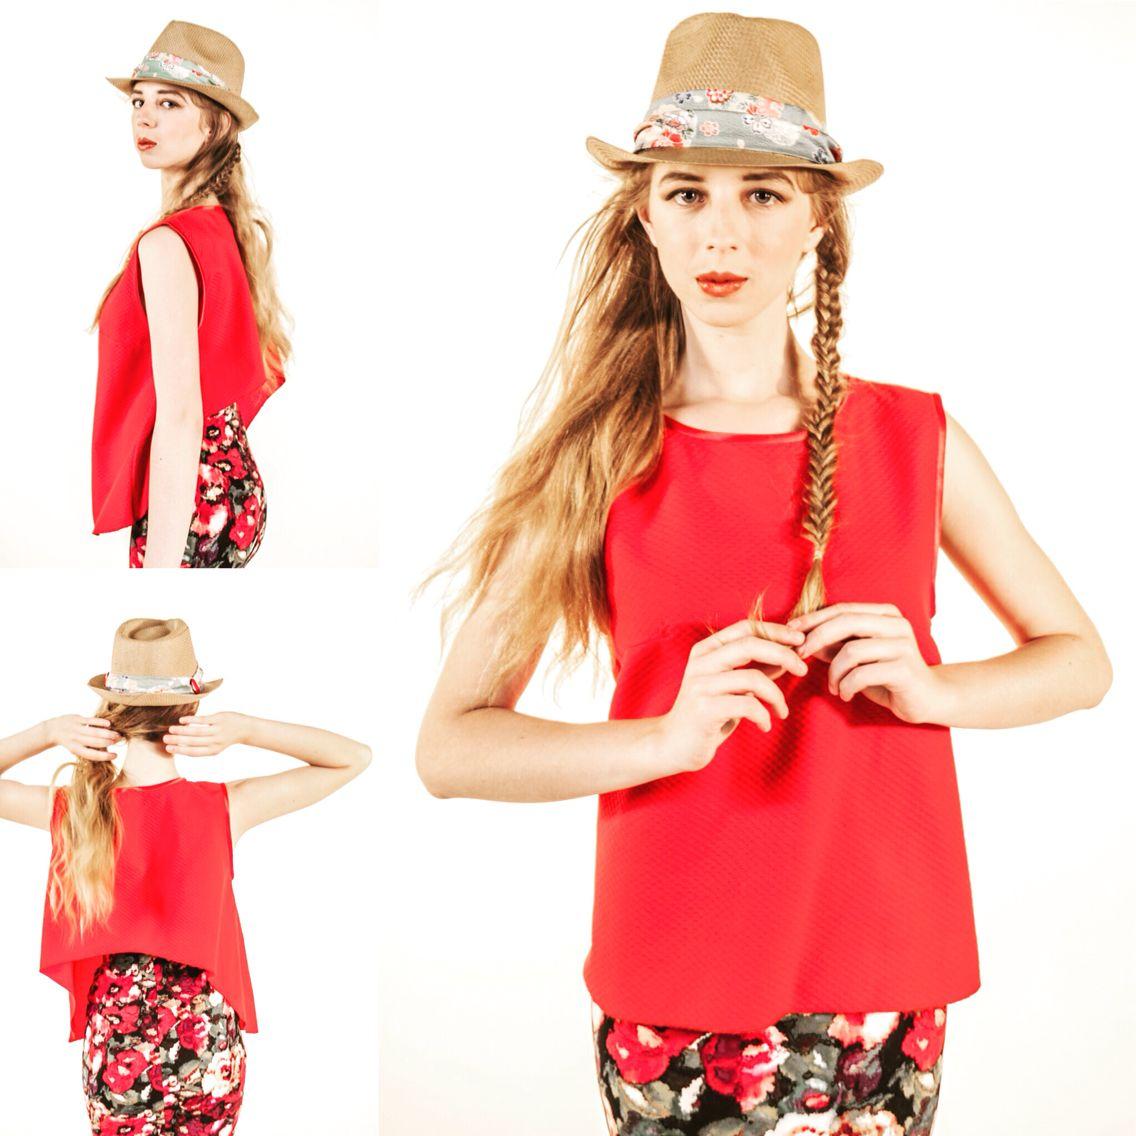 Sombrero decorado con telas japonesas y top en rojo con escote a la espalda en forma de U invertida, diseñados por evaforeva #telasjaponesas #tops #evaforeva #sombreros #moda #verano2015 #nuevoscreativos #diseñoindependiente